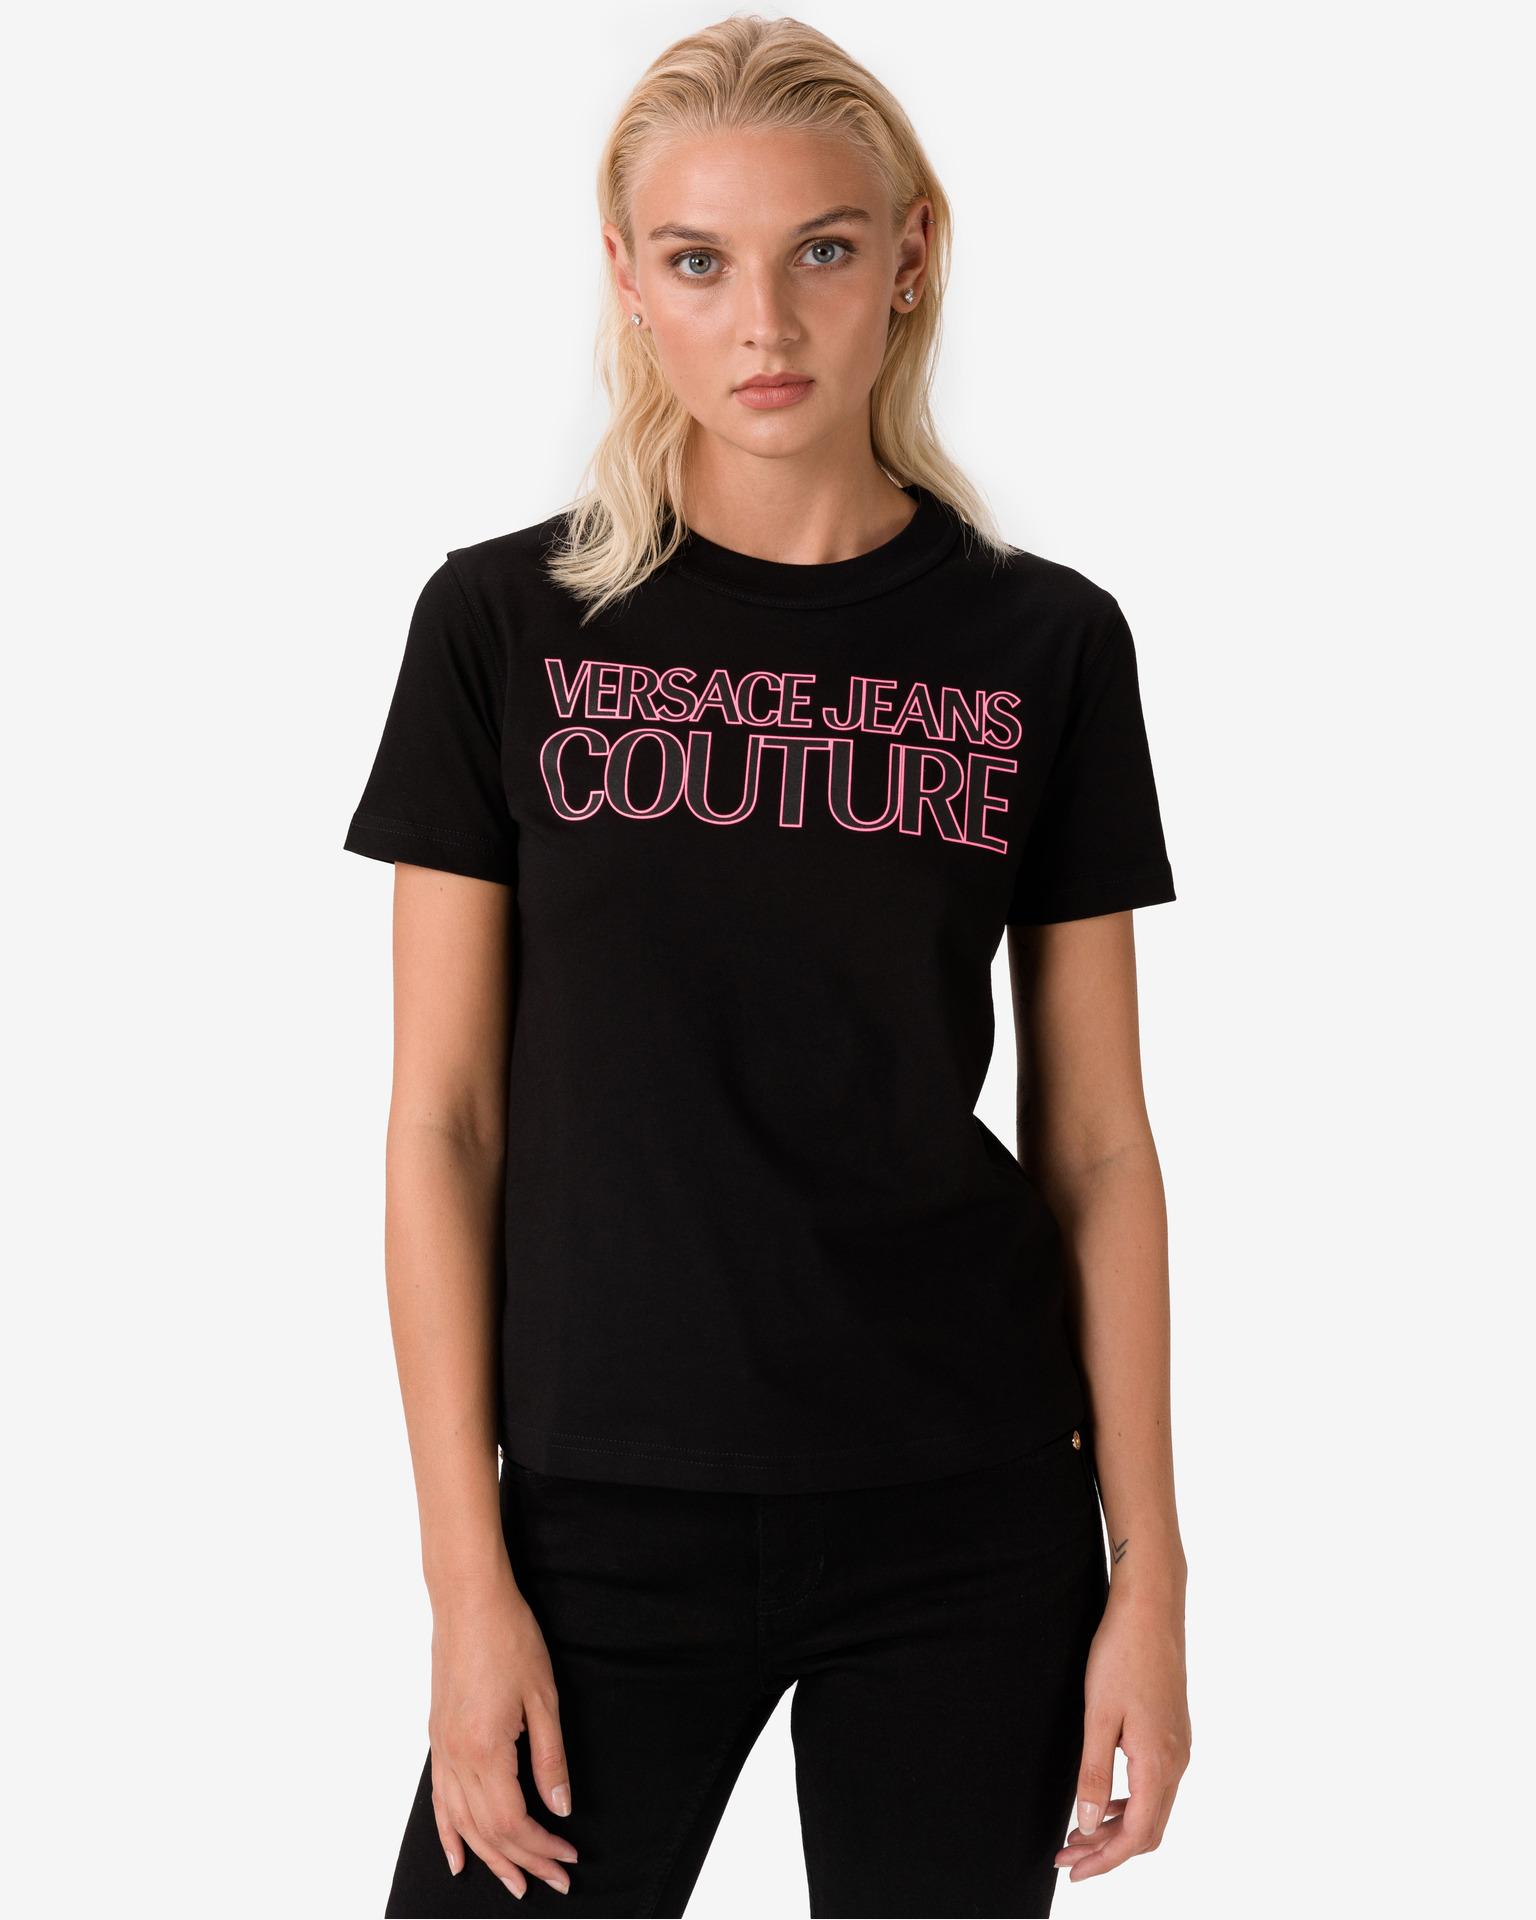 Versace Jeans Couture Тениска Cheren